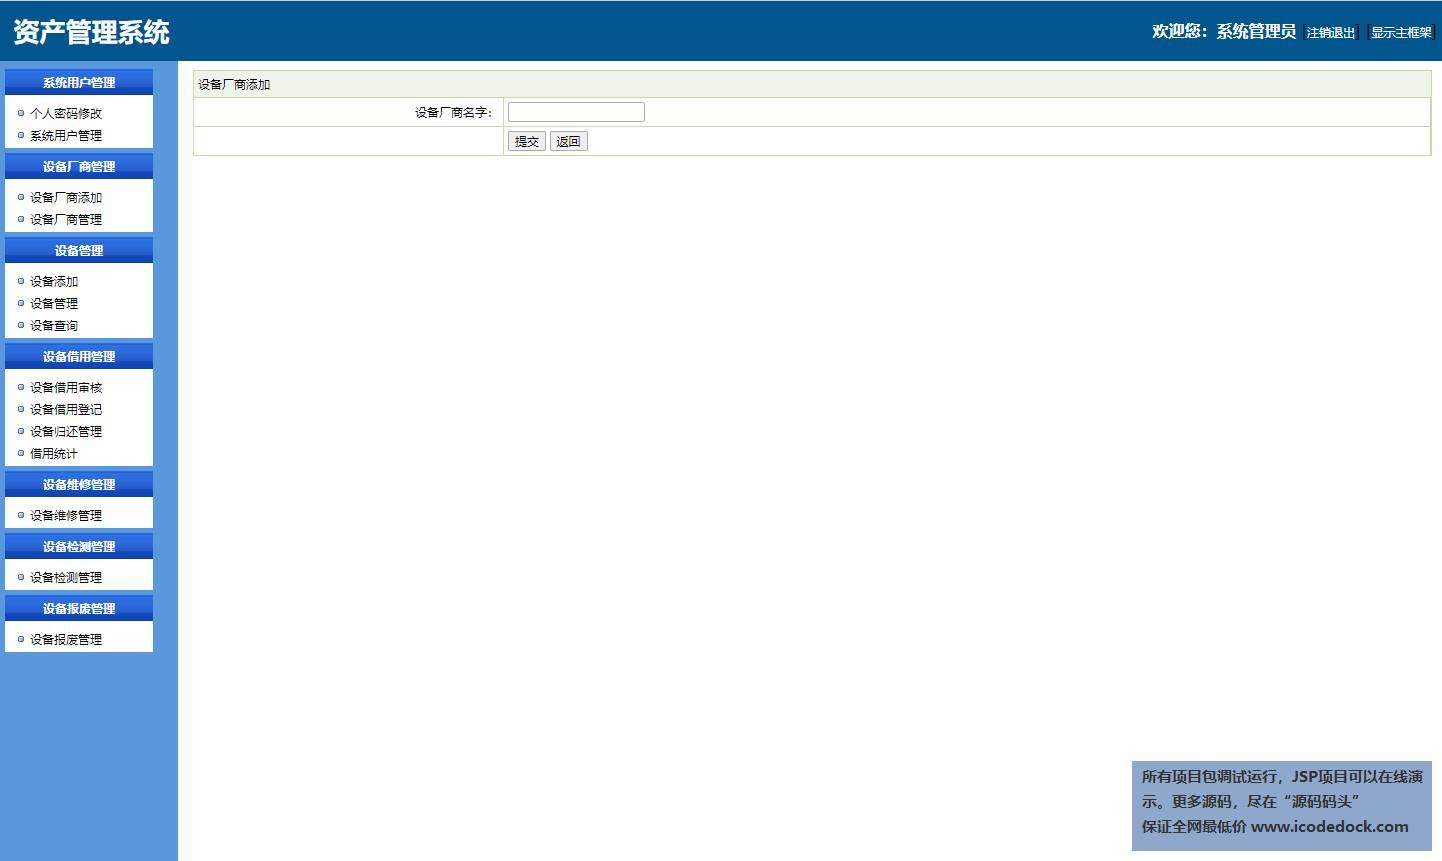 源码码头-SSH企业固定资产设备租借还管理系统-管理员角色-设备厂商添加